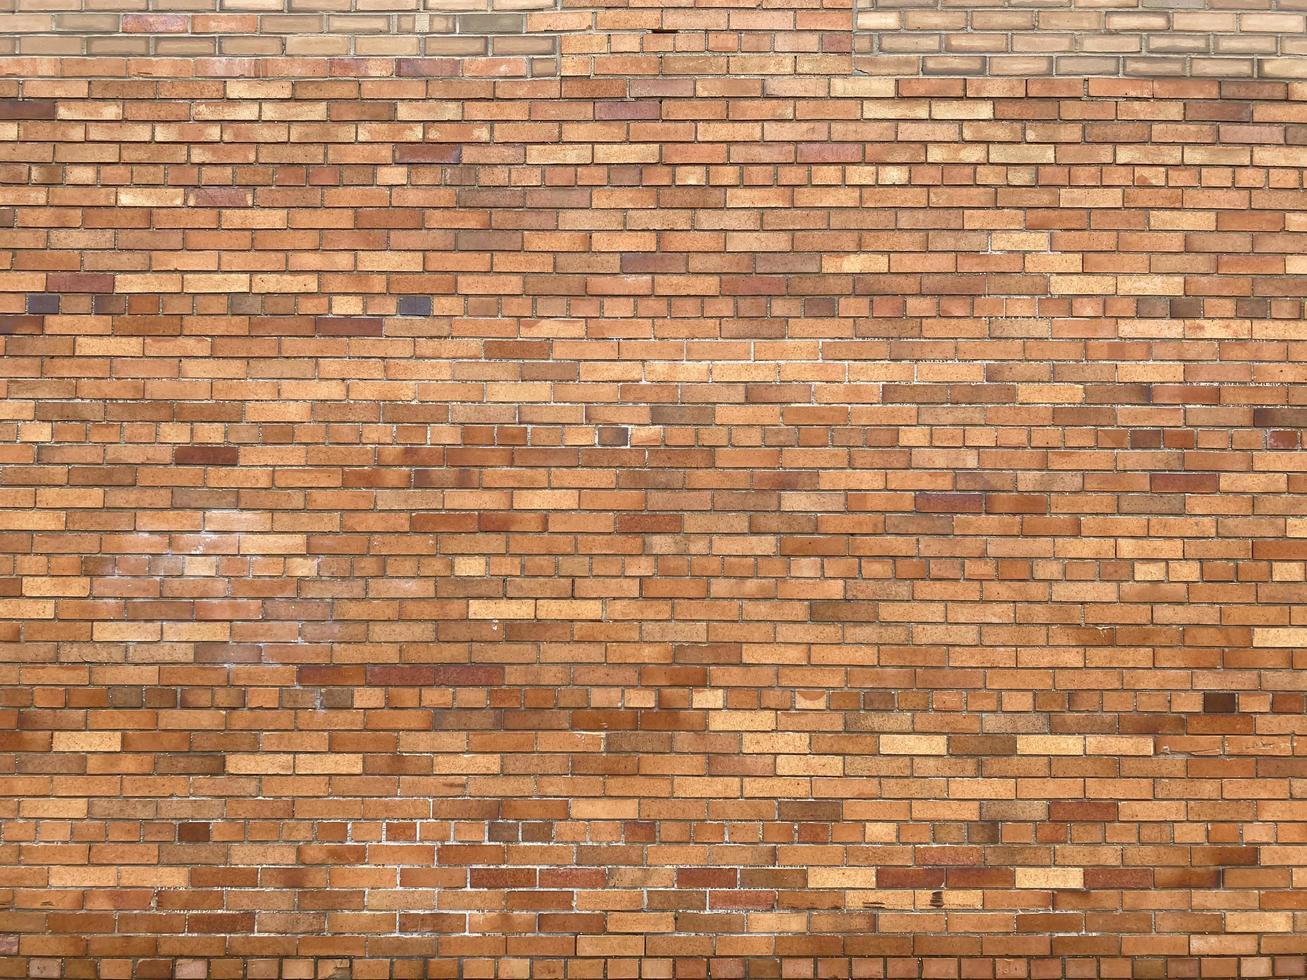 antigua muralla con ladrillos amarillos y marrones foto